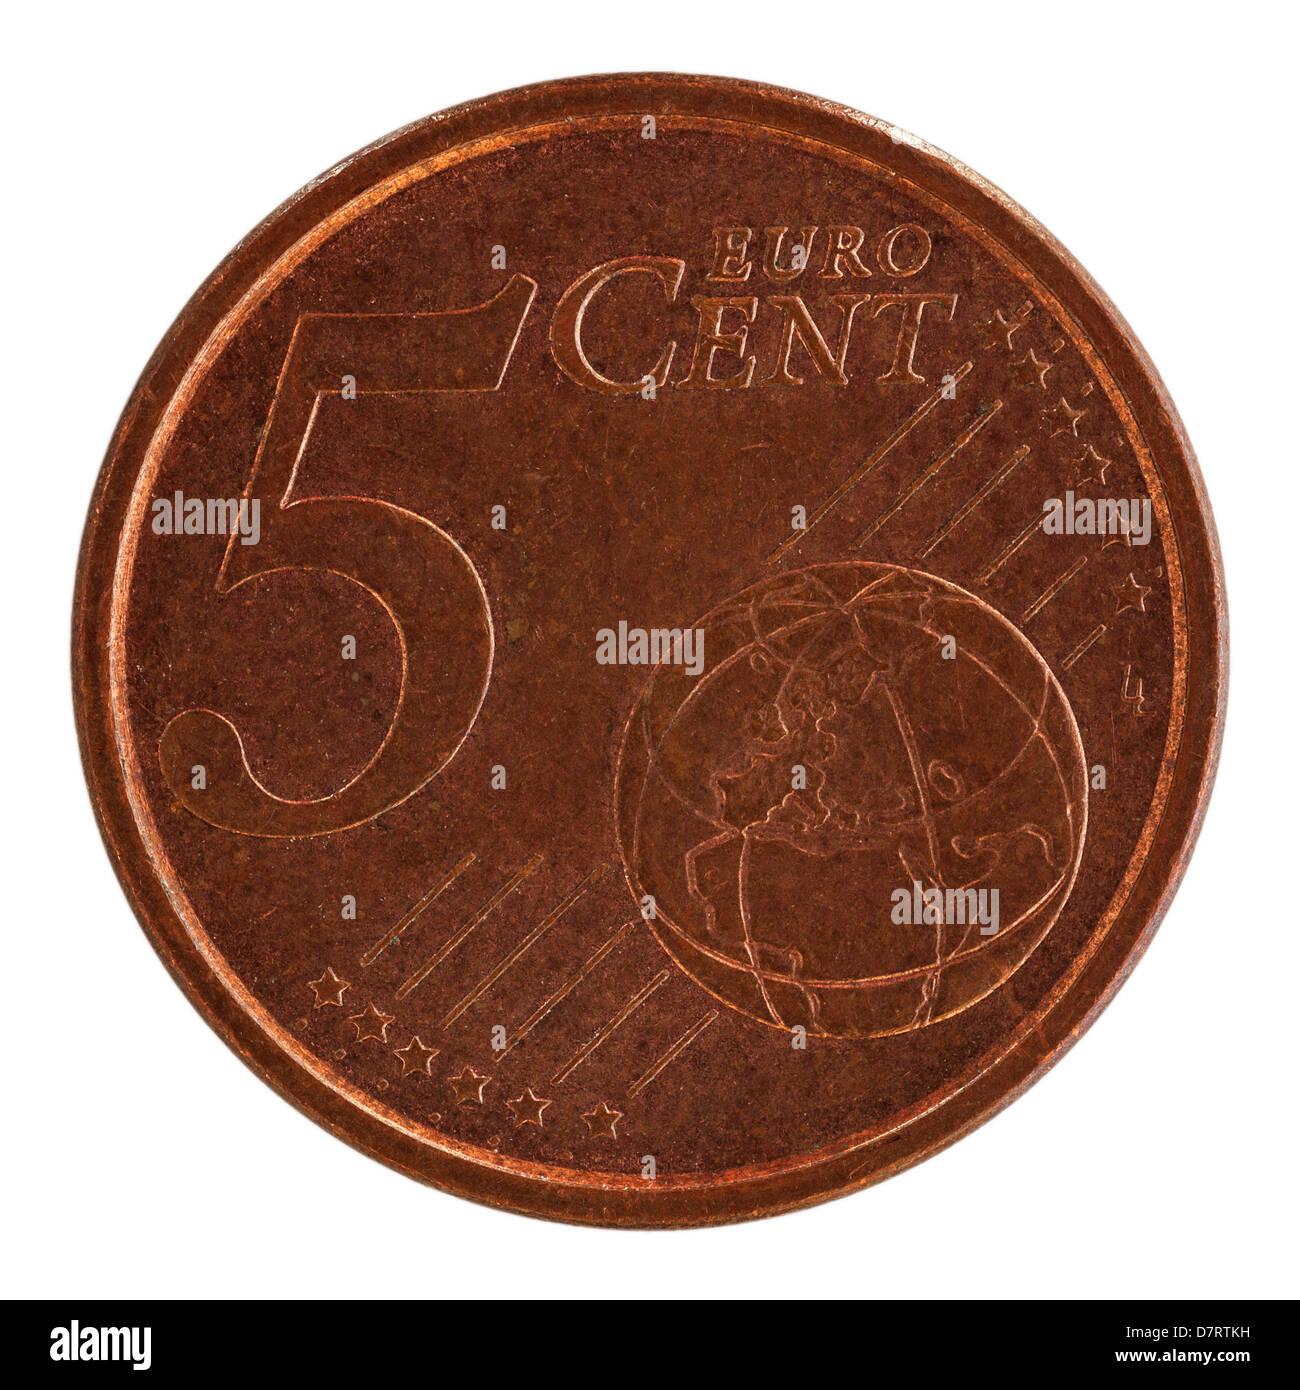 Einen Spanischen Euro 5 Cent Münze Auf Weißem Hintergrund Stockfoto